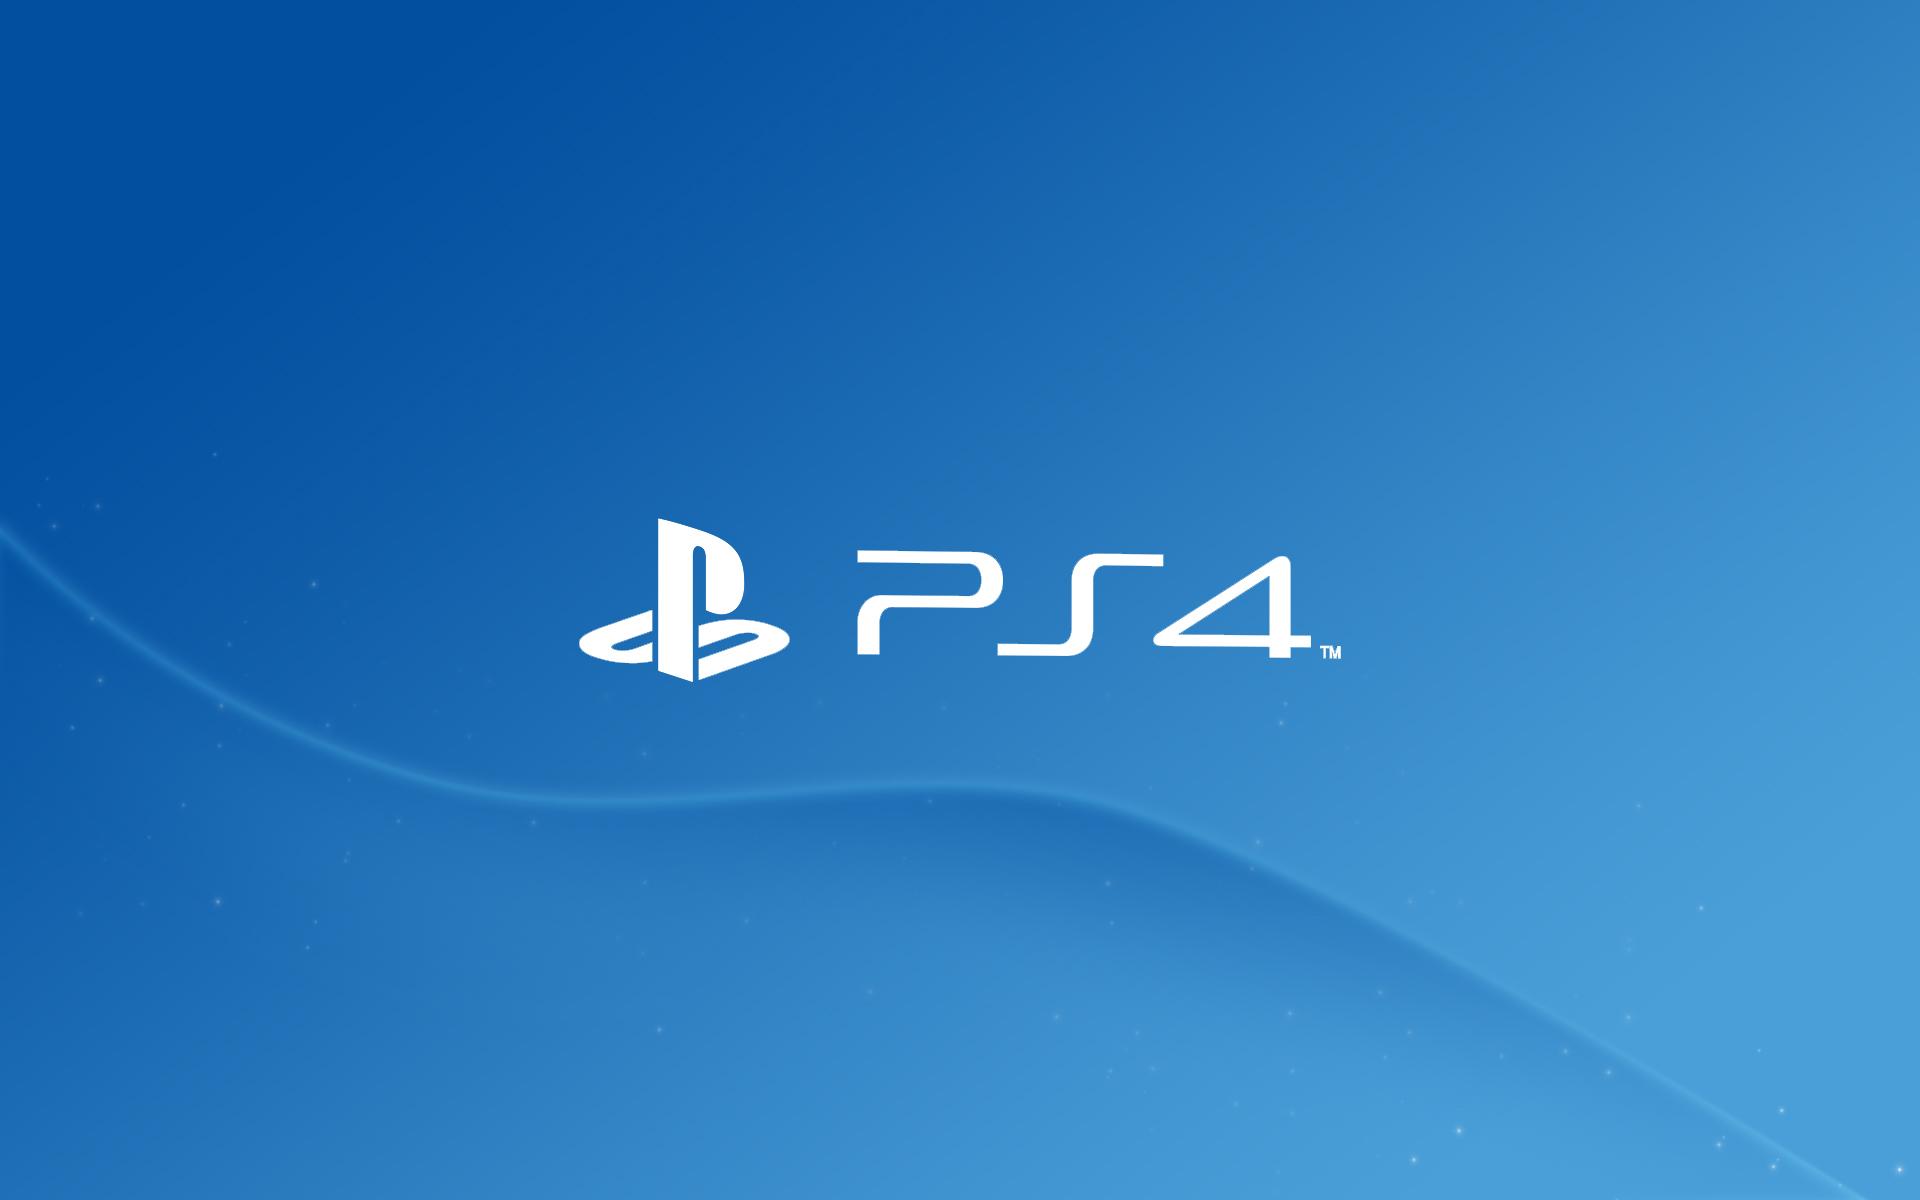 Sony позволила запускать игры PlayStation 4 наiOS